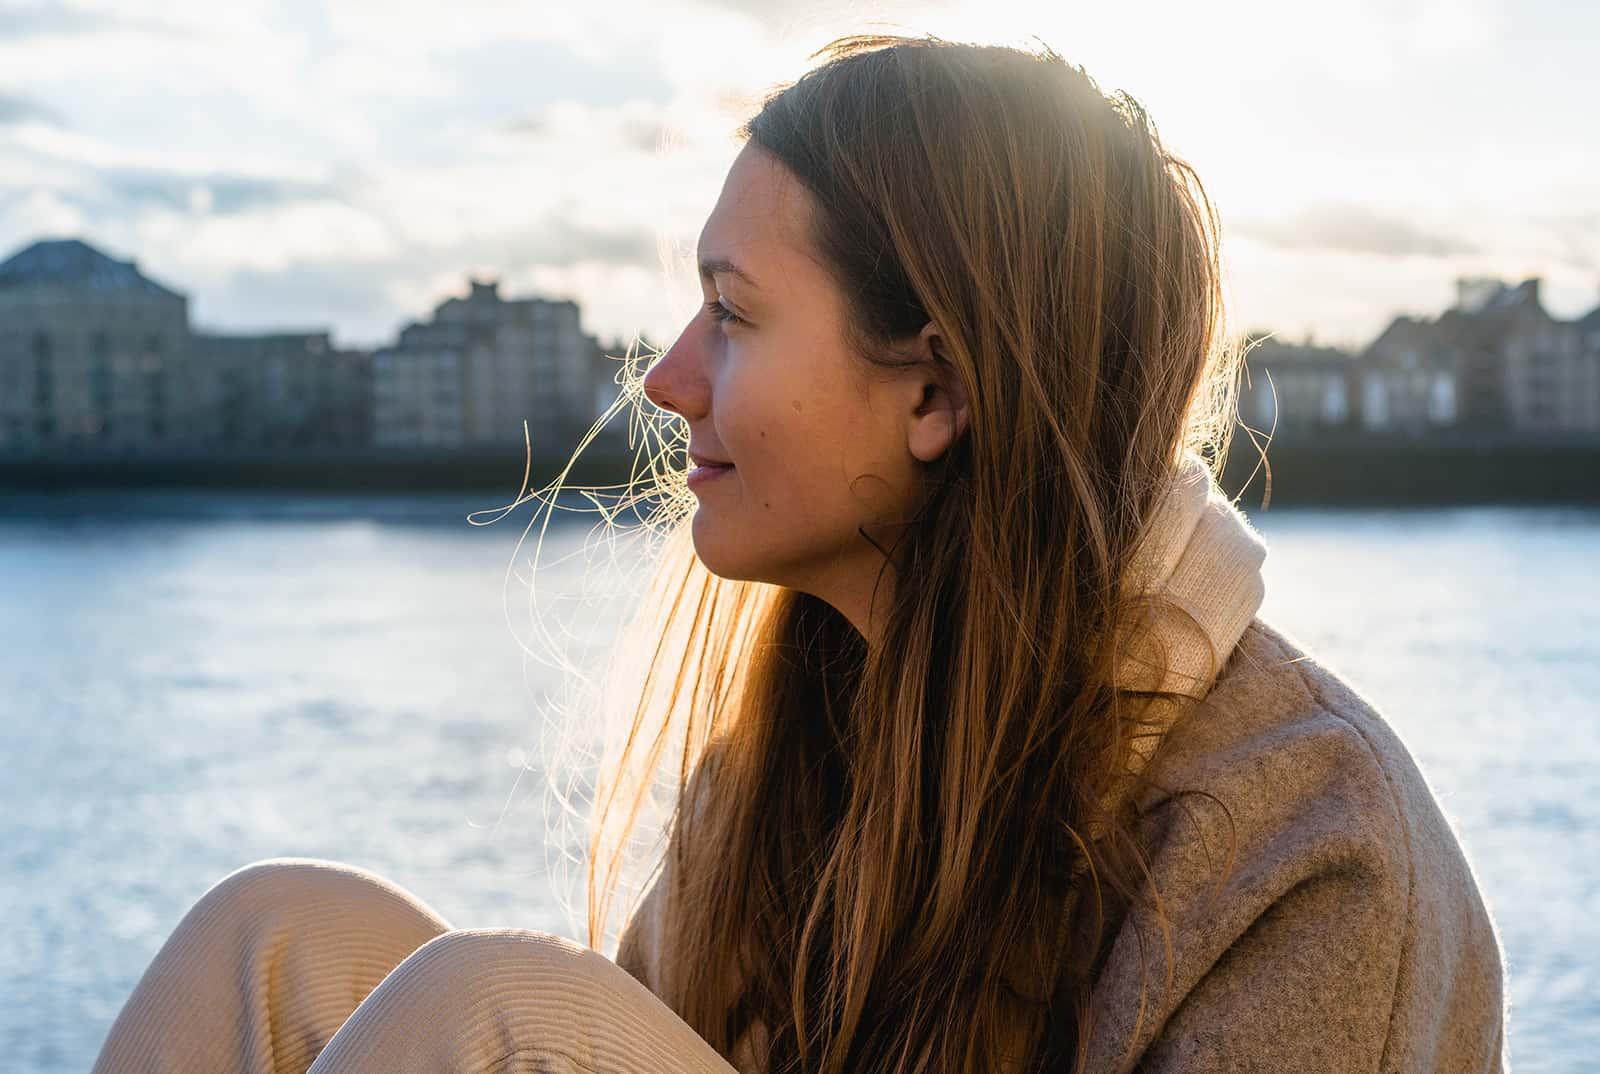 une femme calme face à la ville assis près de la rivière